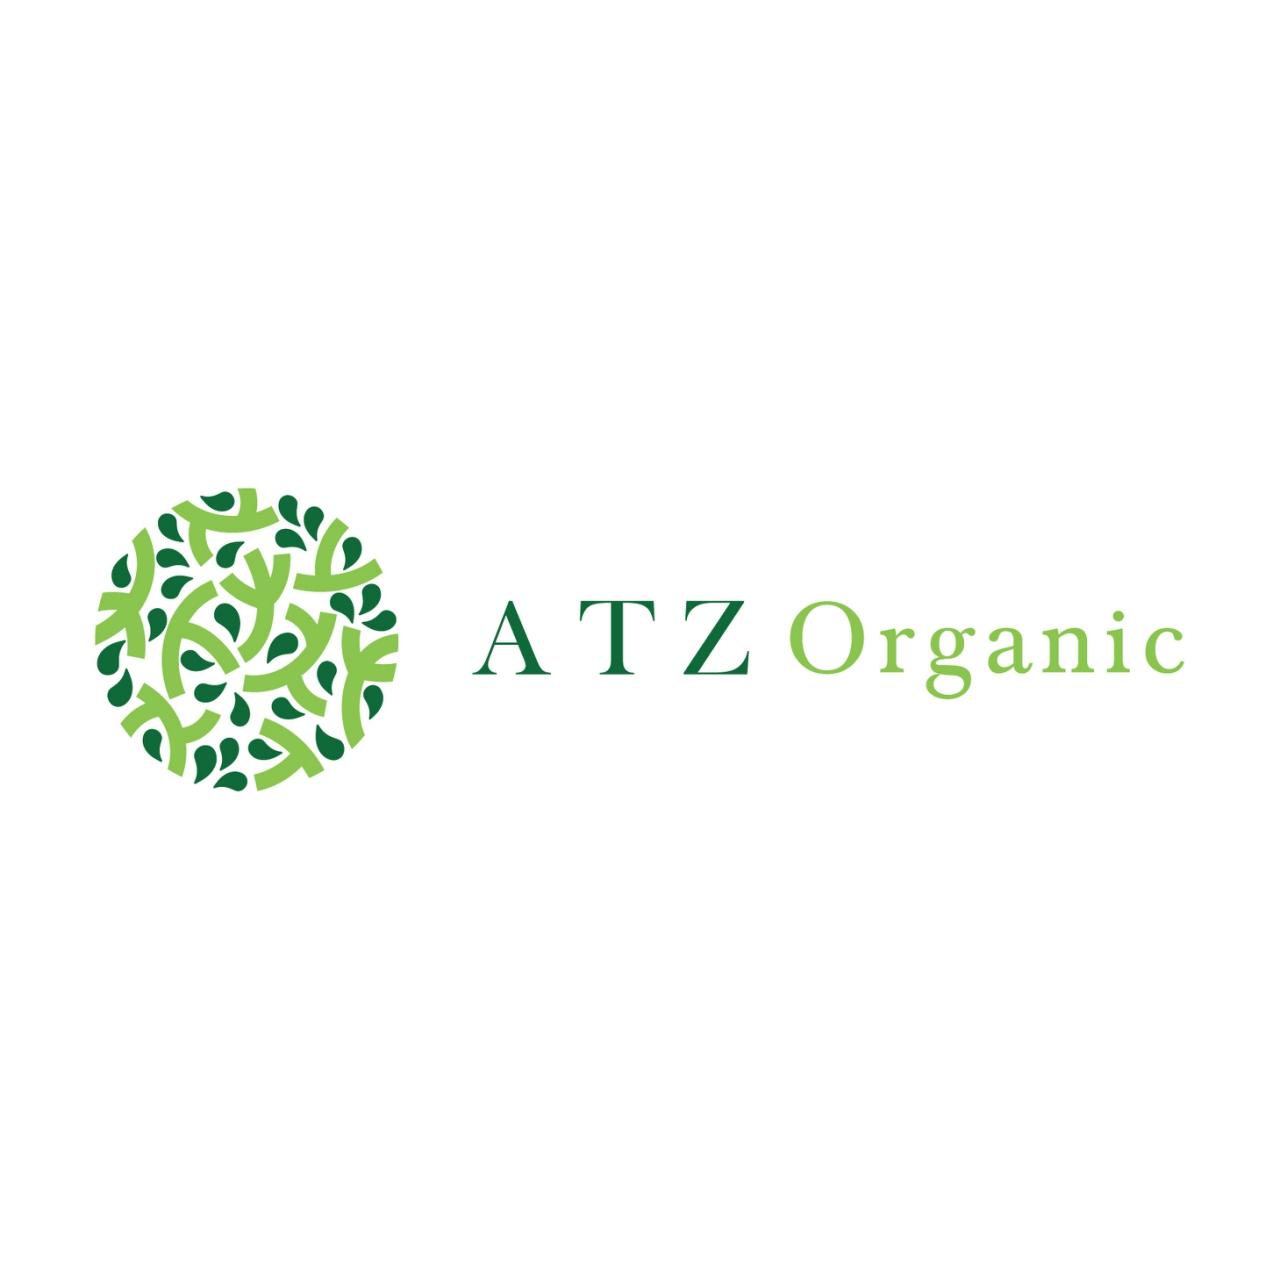 ATZ Organic